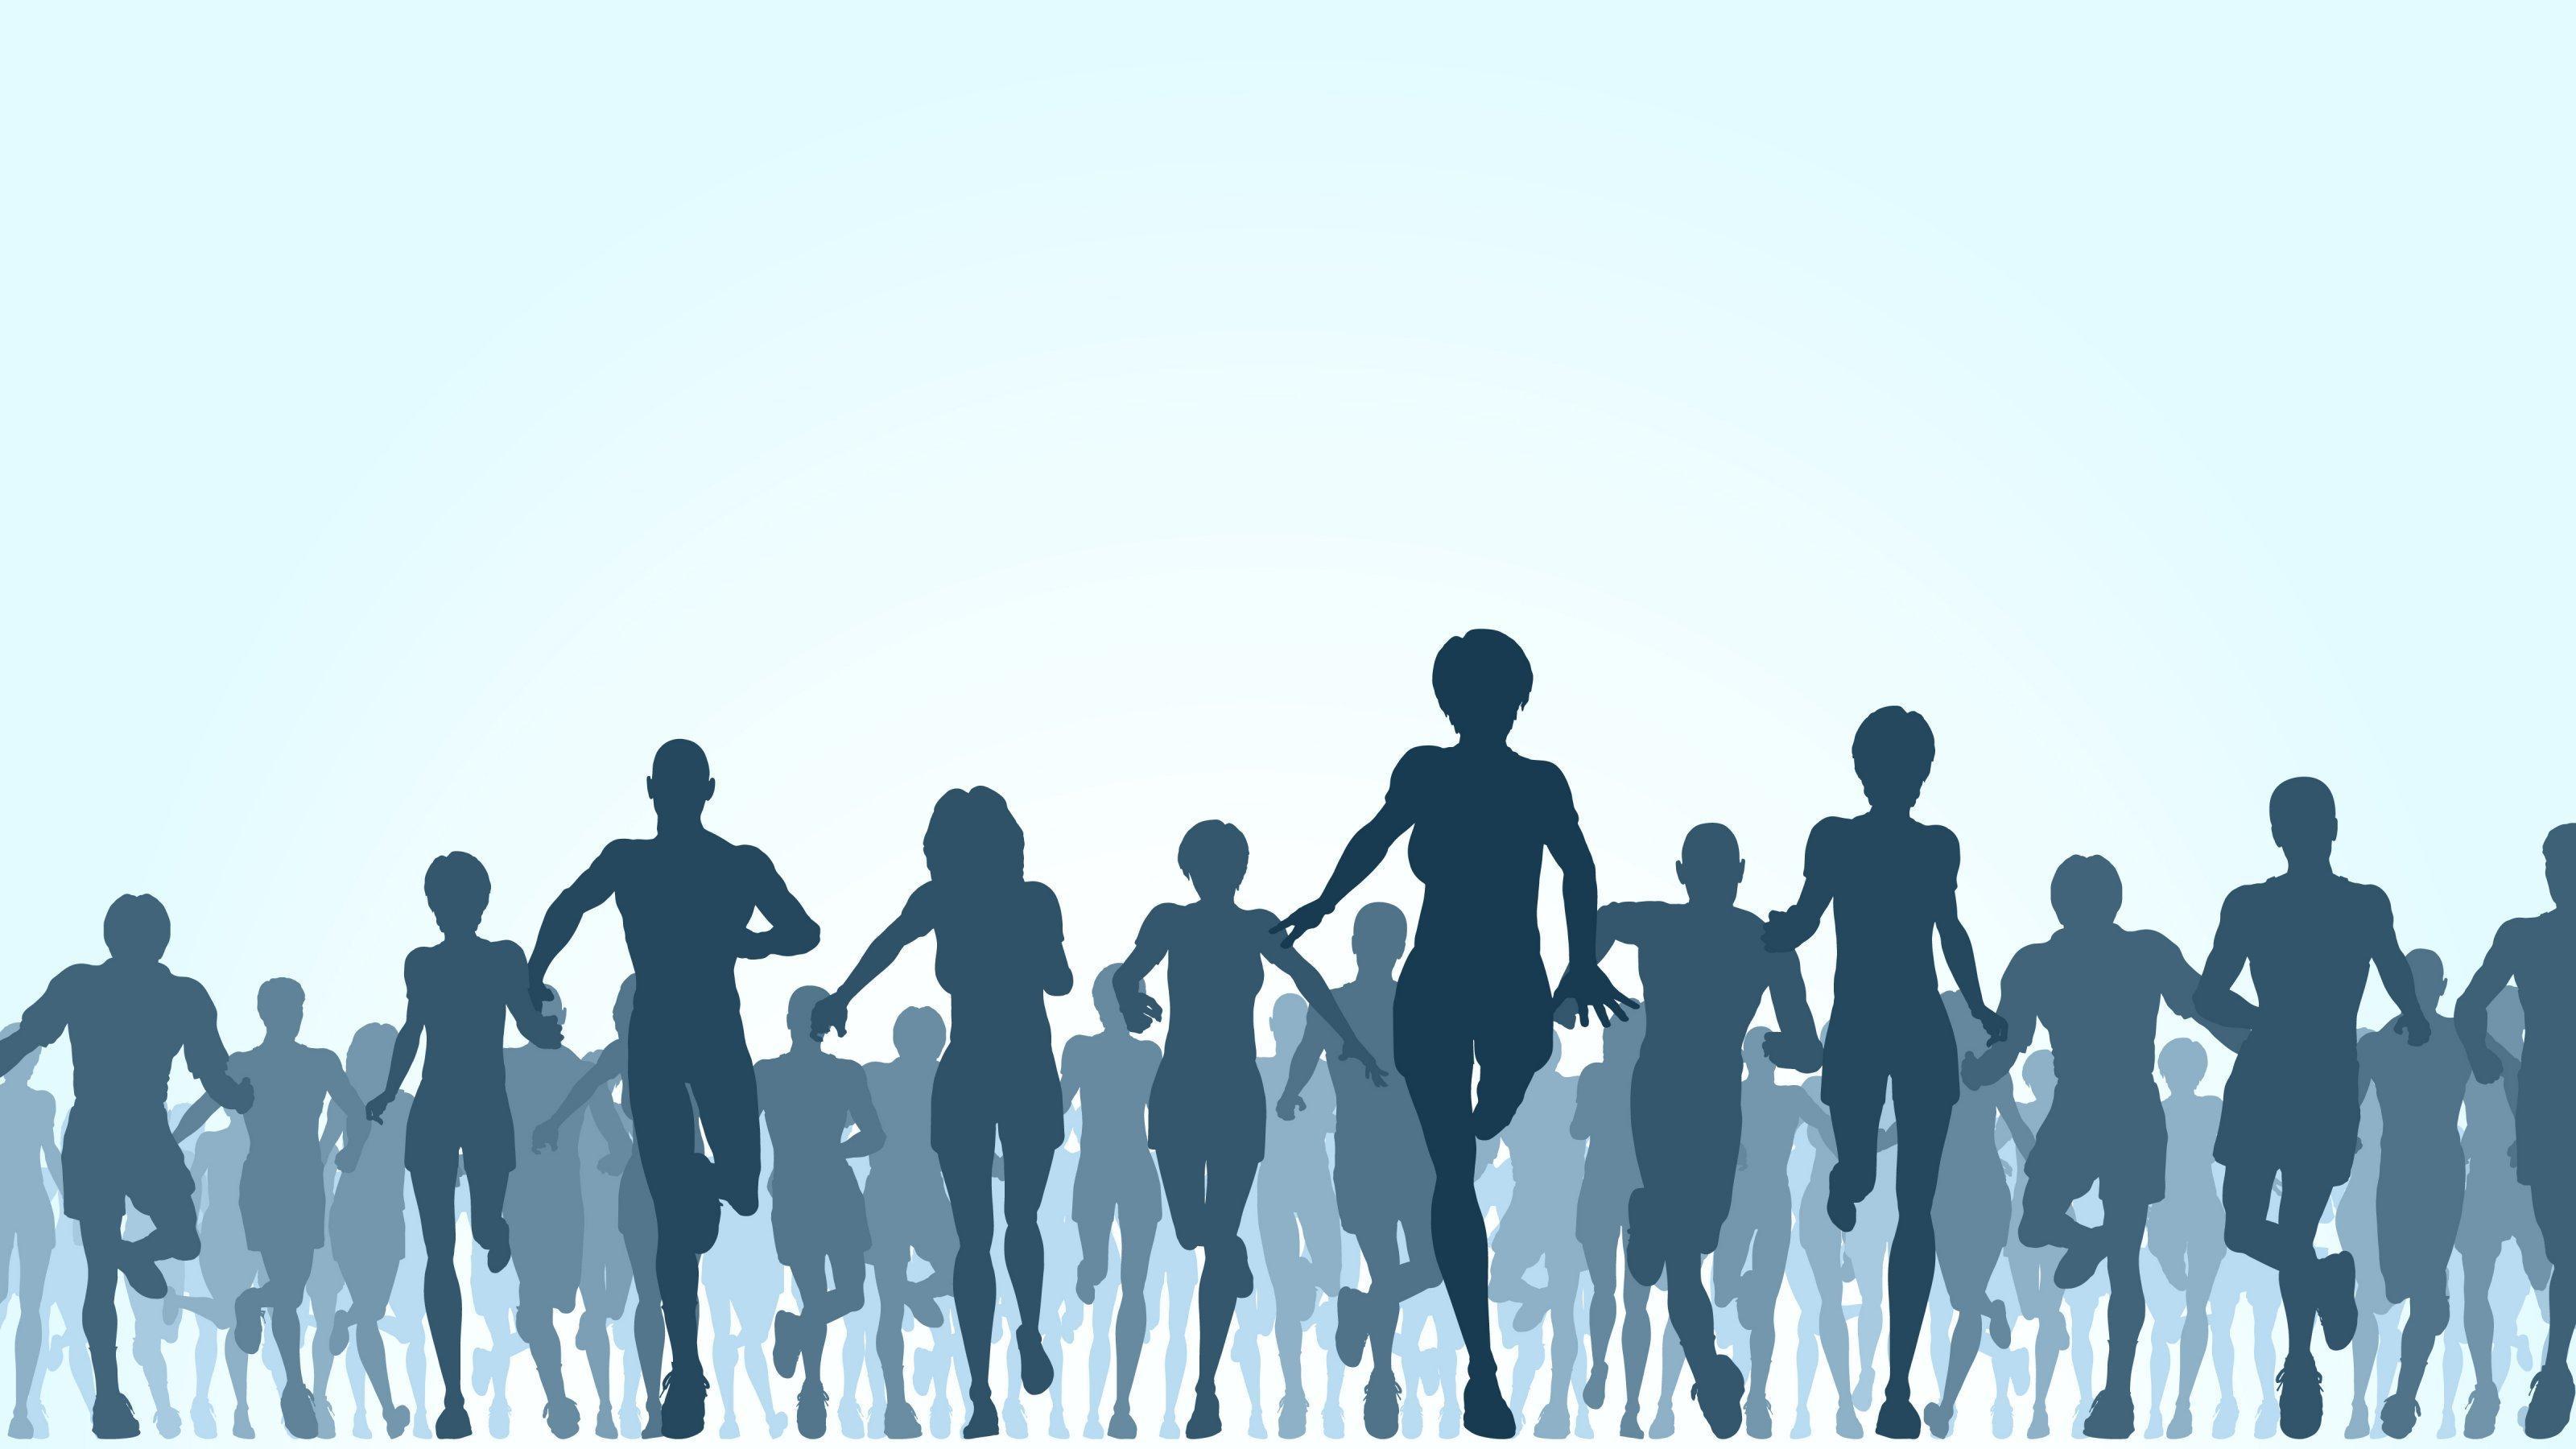 Die Illustration zeigt eine große Gruppe rennender Menschen.